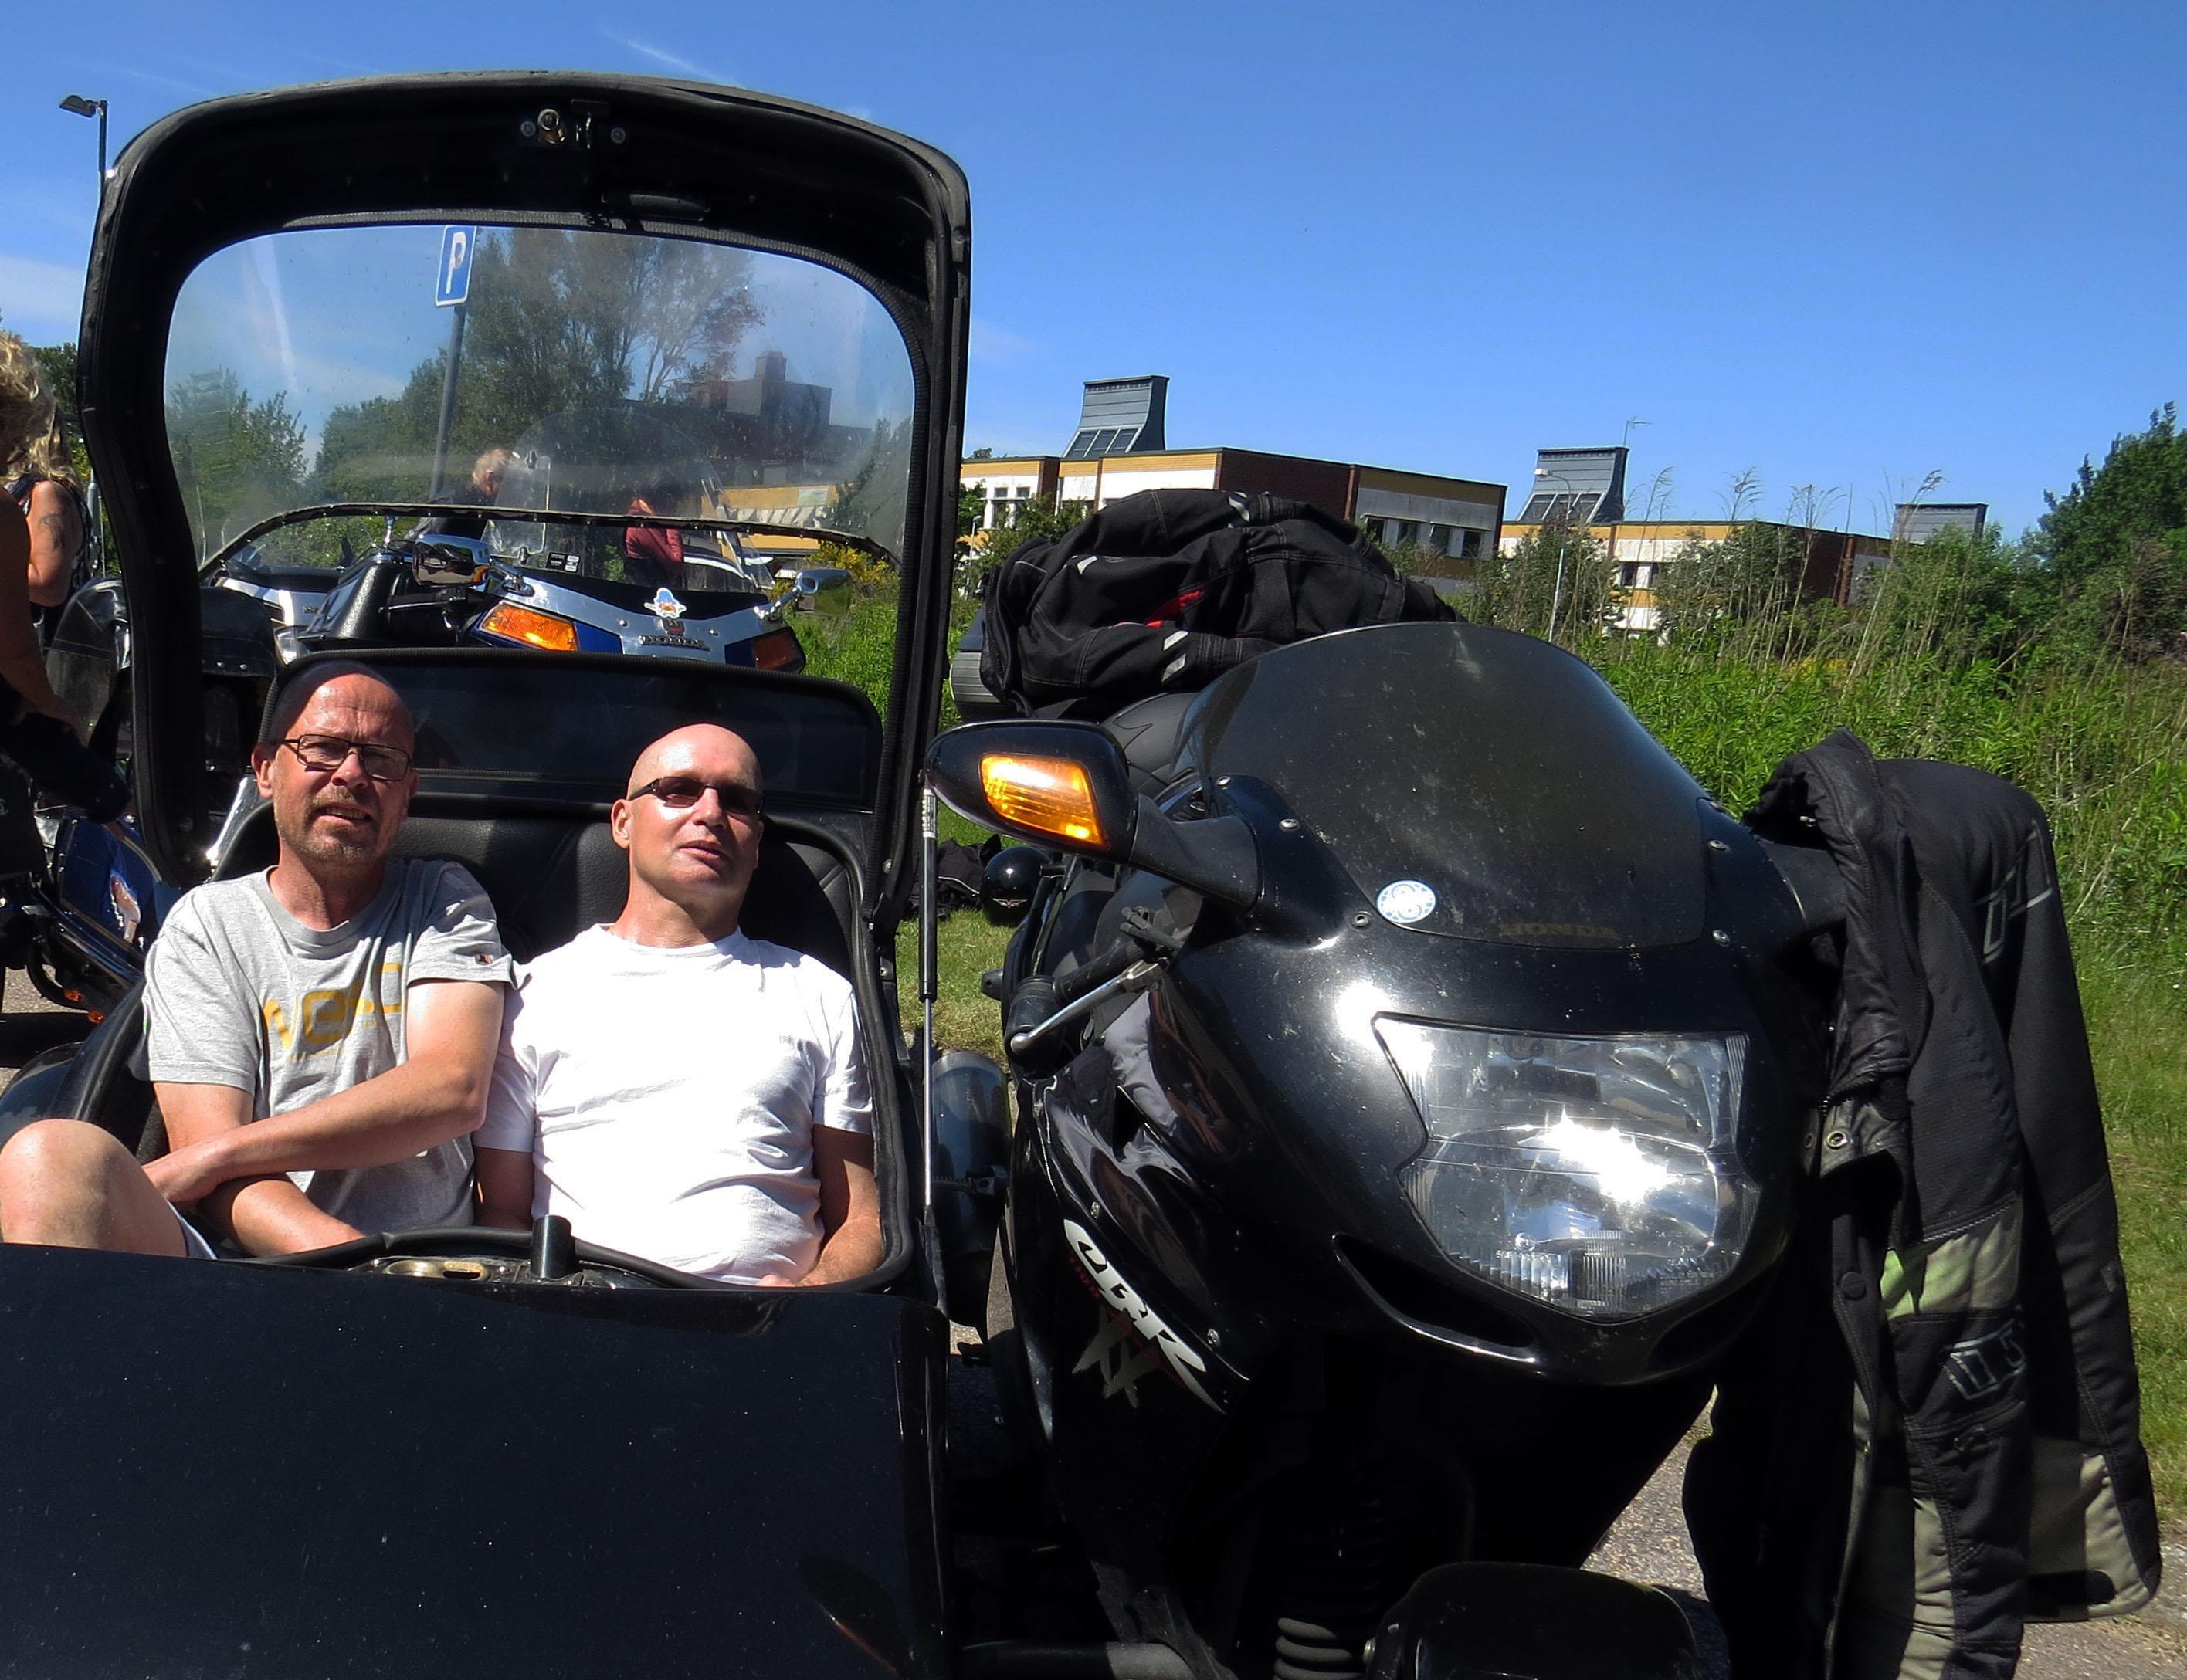 Peter och Jörgen sitter två stycken i vagnen